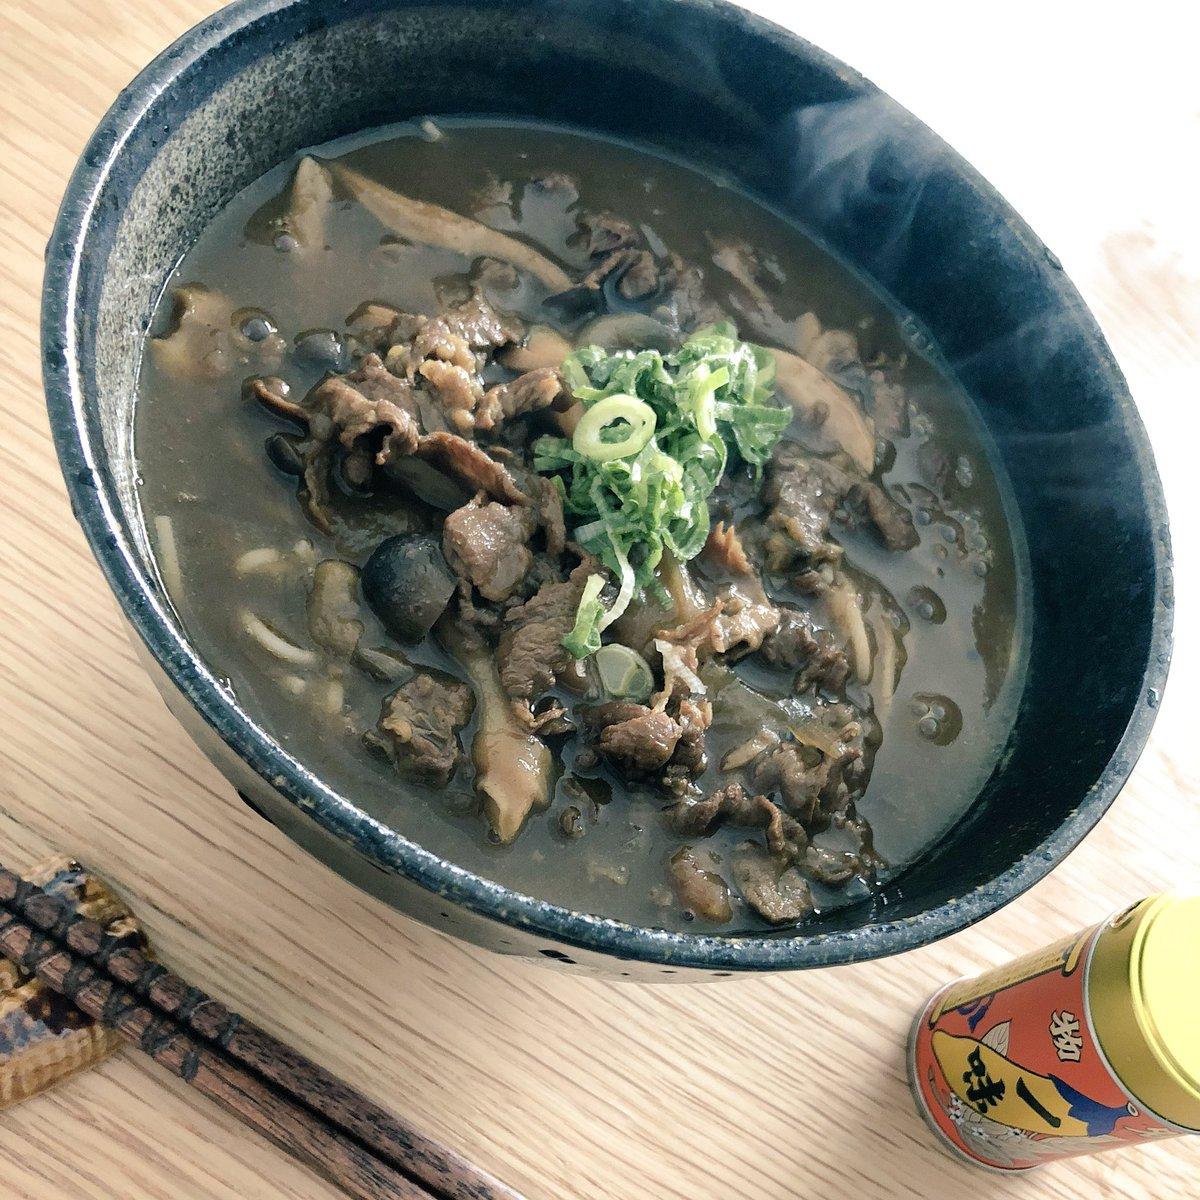 【画像】セクシー女優でAV女優の希美まゆさん(29)がカレー蕎麦を作って食べるwwこれは美味しそう…?